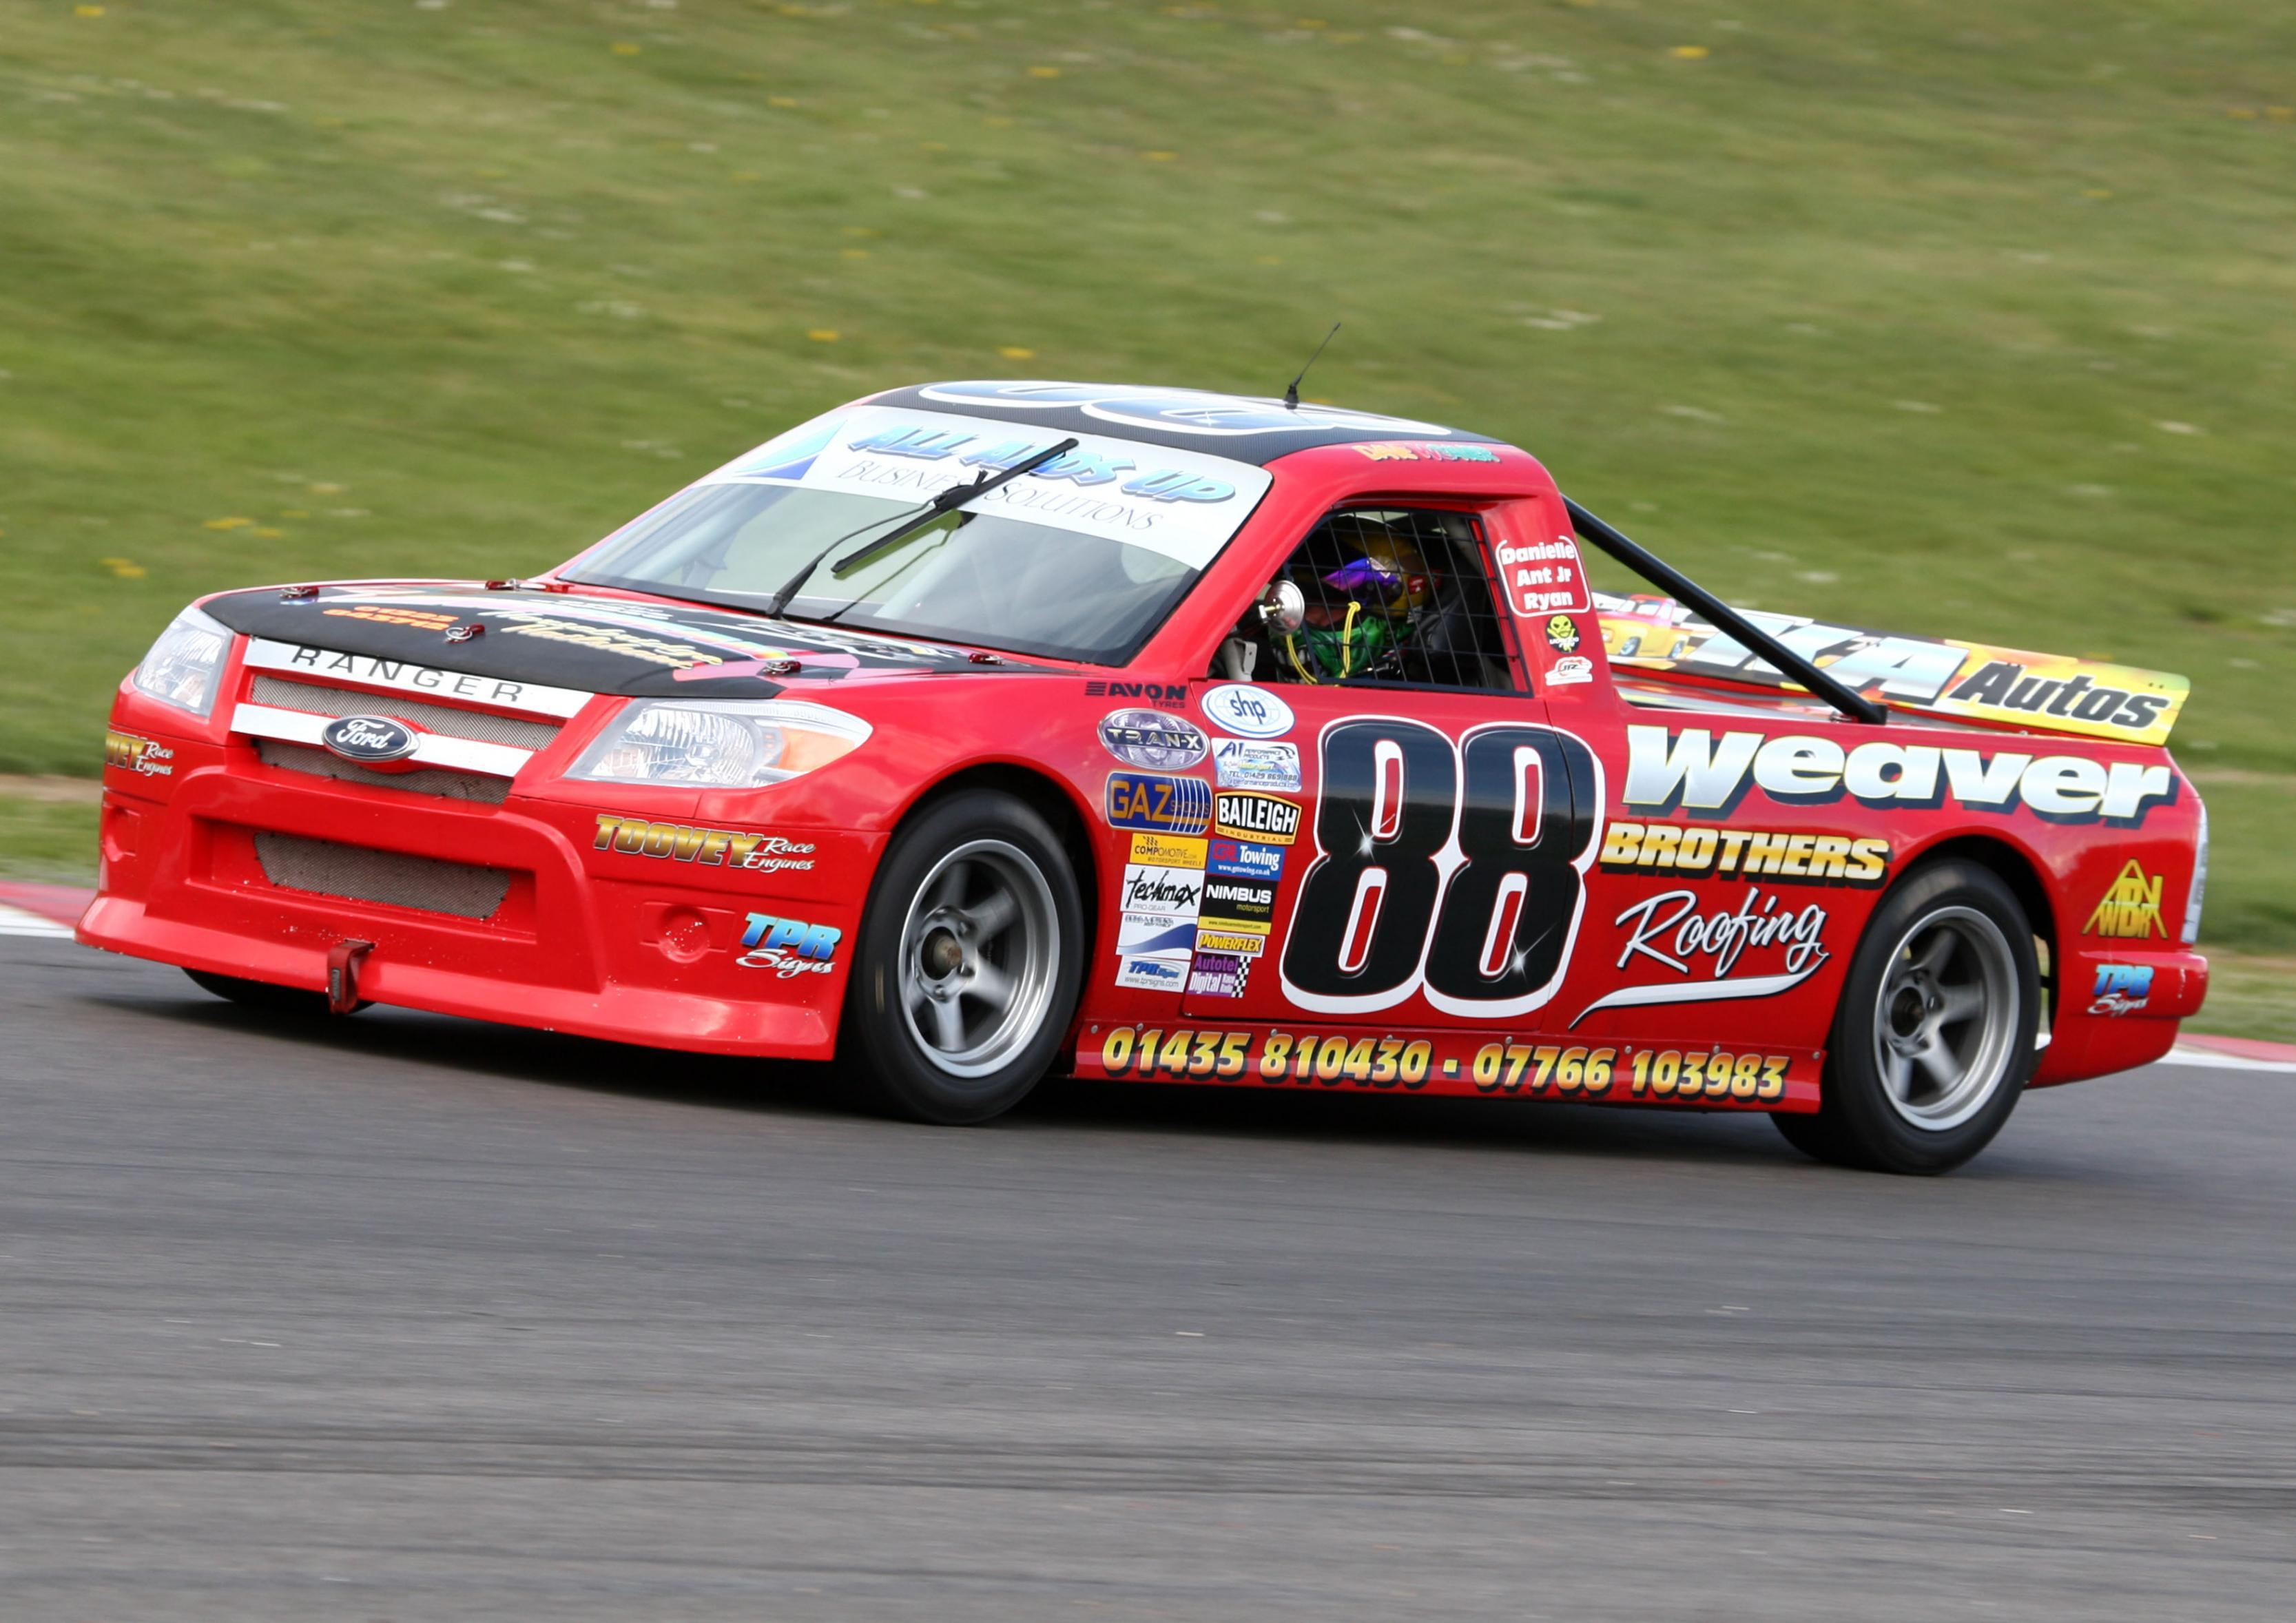 بالصور صور سيارات سباق , صور متنوعة لسيارة السباق 1464 5